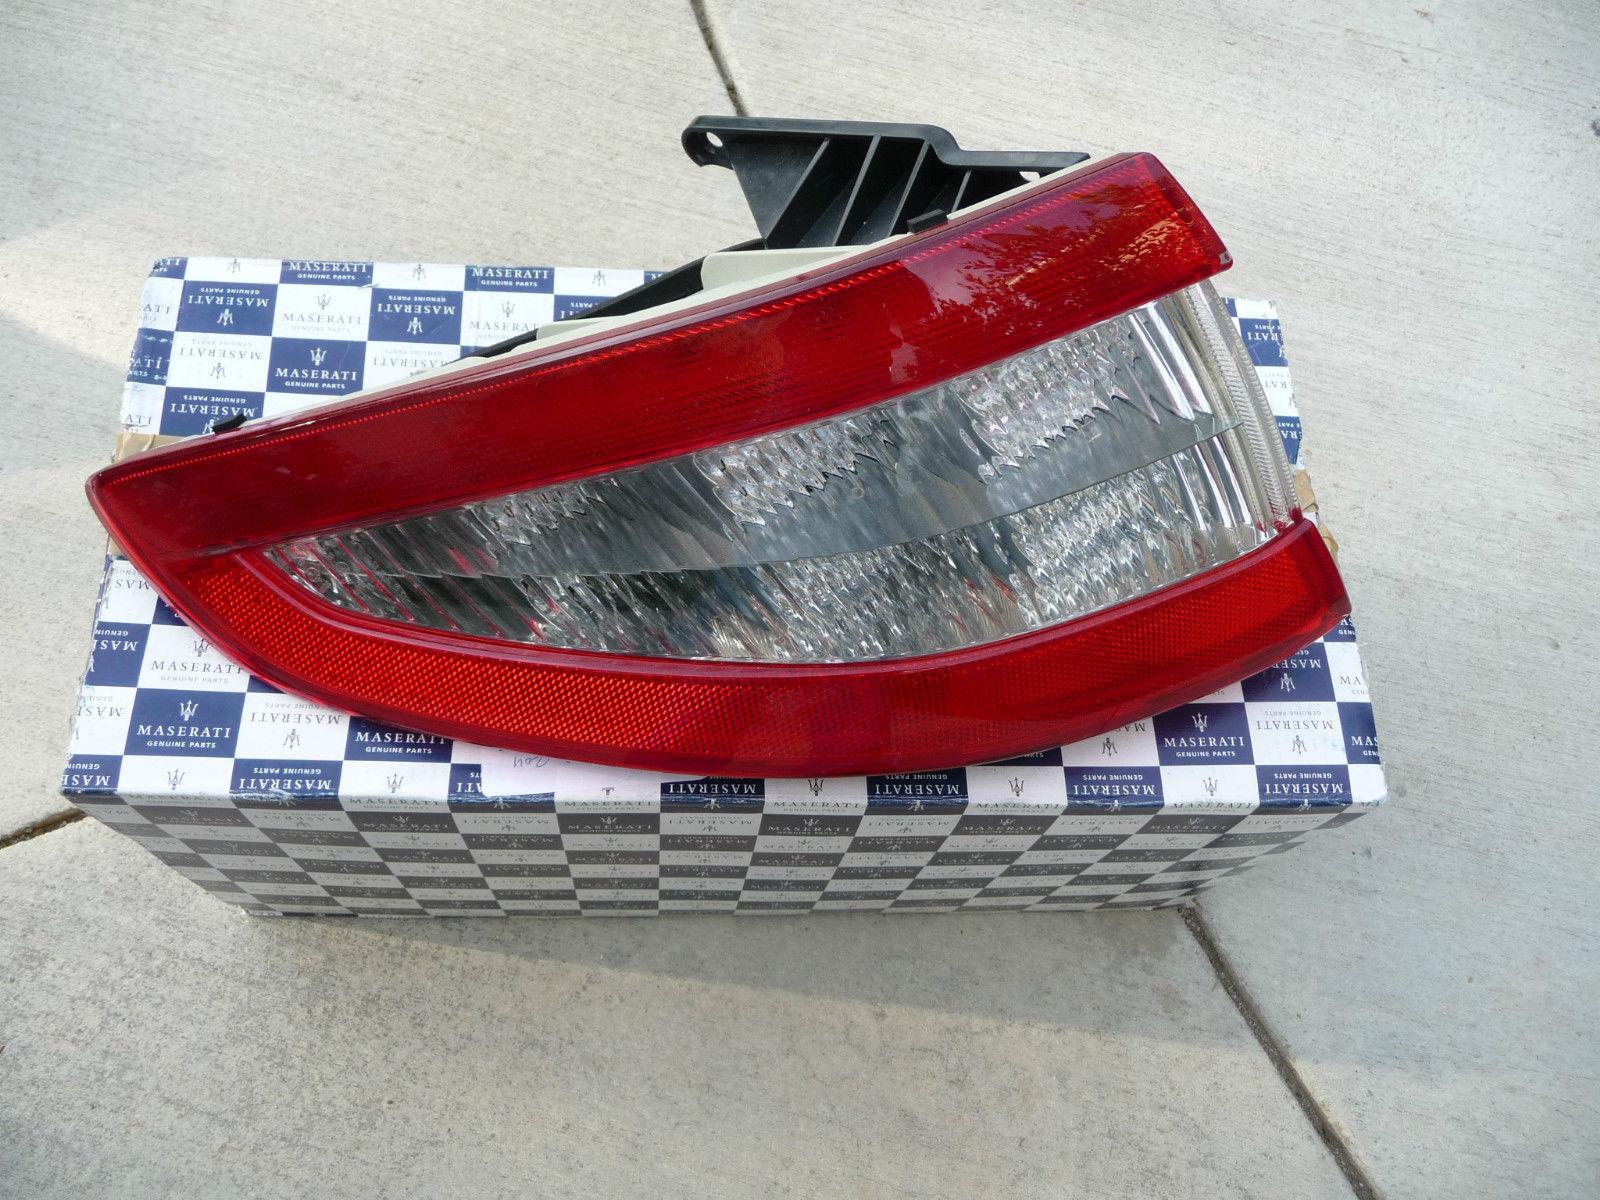 2008 2009 2010 2011 Maserati GranTurismo Driver side Left L.H. REAR LIGHT TAILLIGHT 231565 234379 - Used Auto Parts Store | LA Global Parts